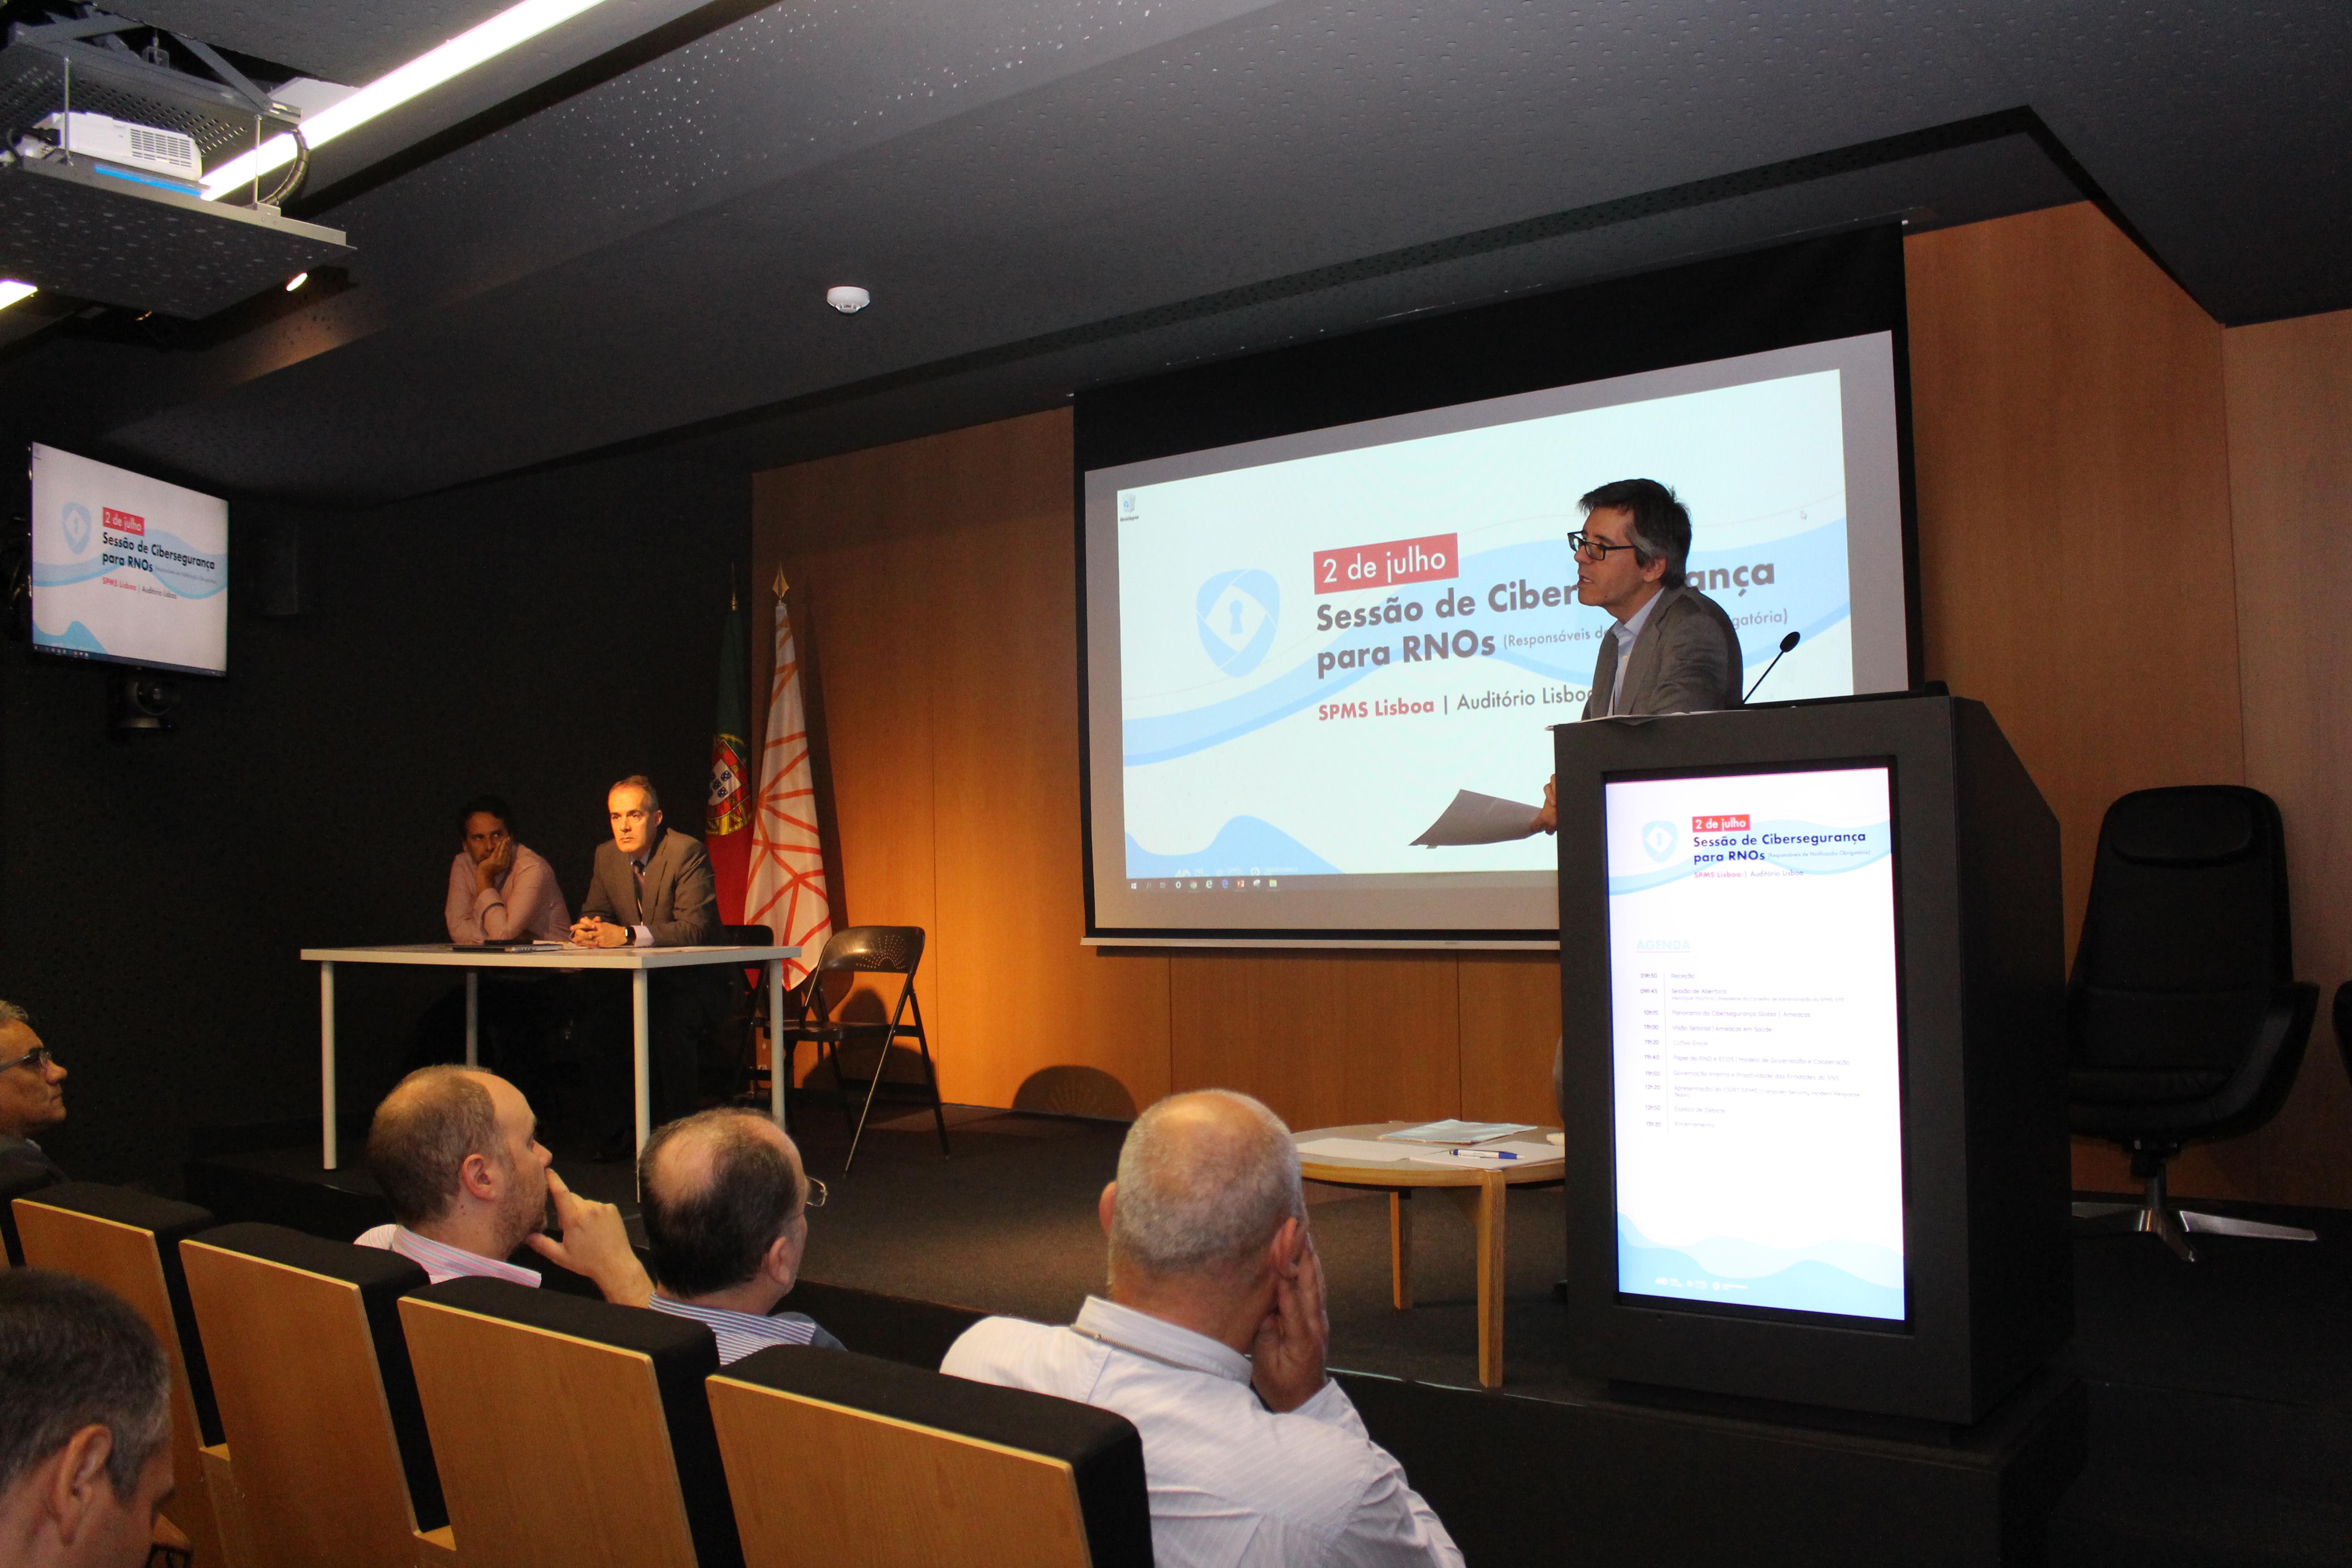 Sessão cibersegurança